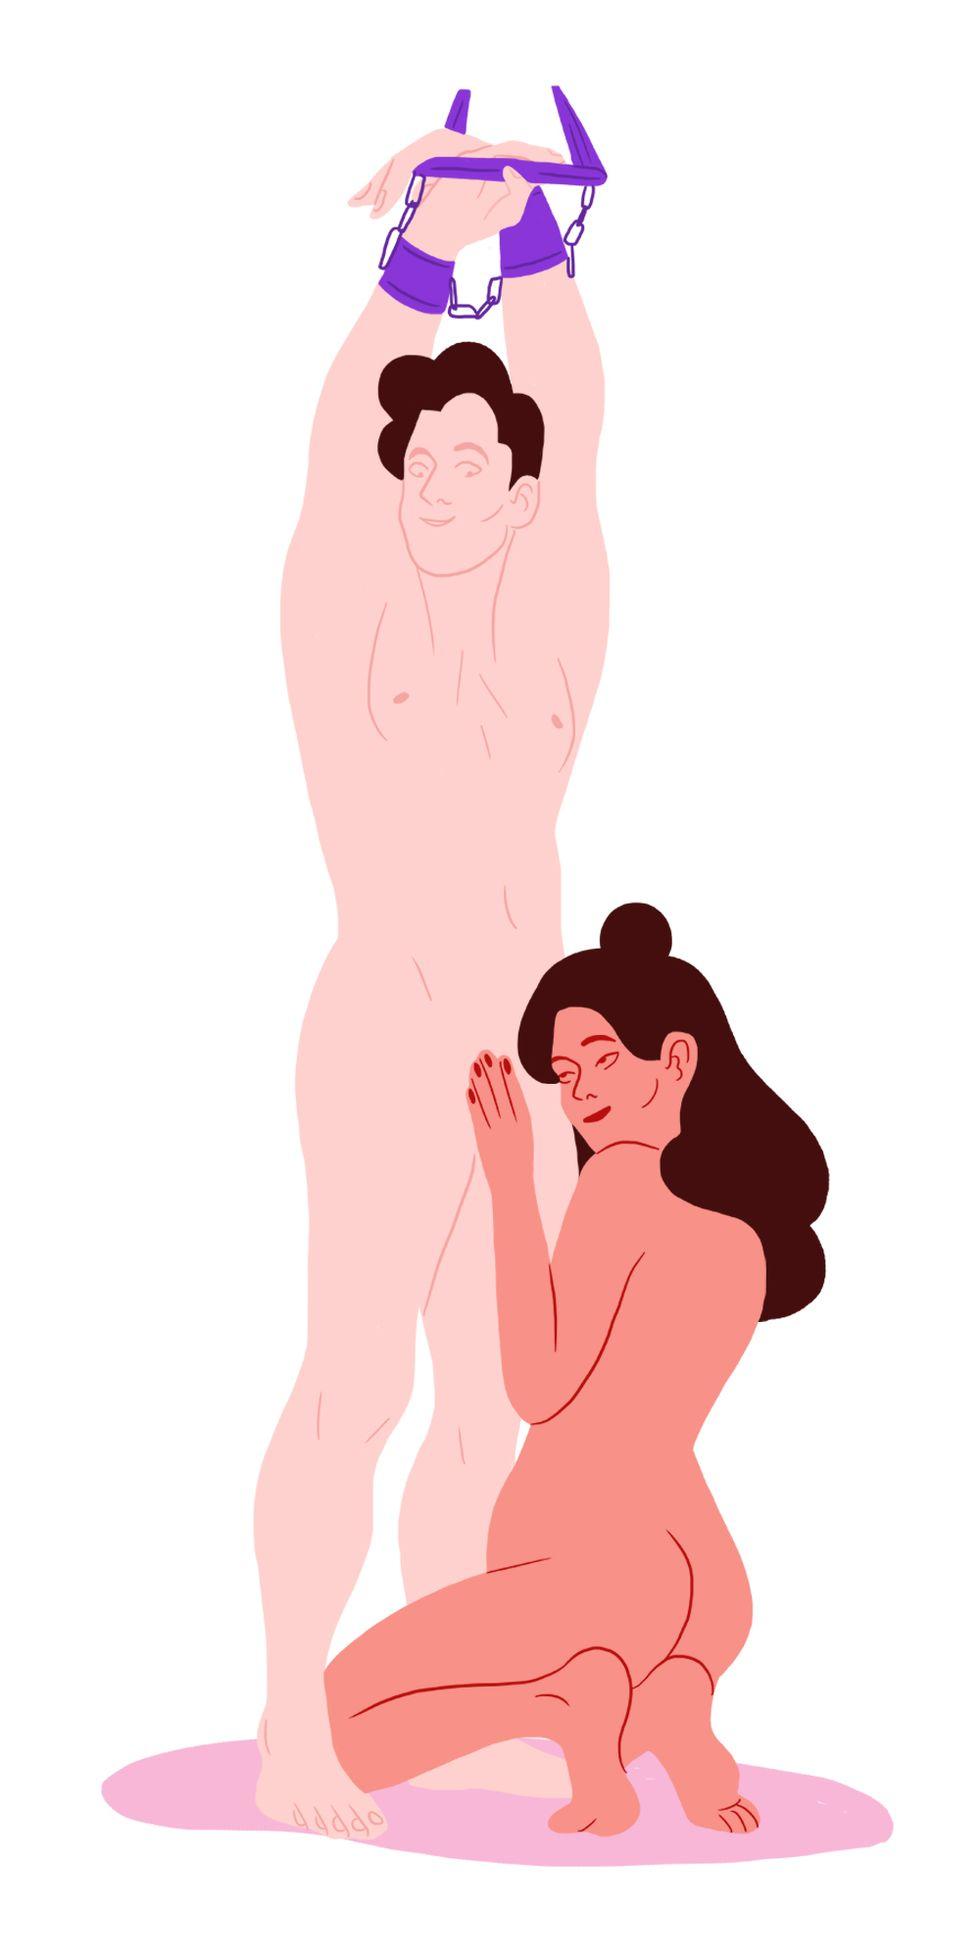 σεξ σχοινιά